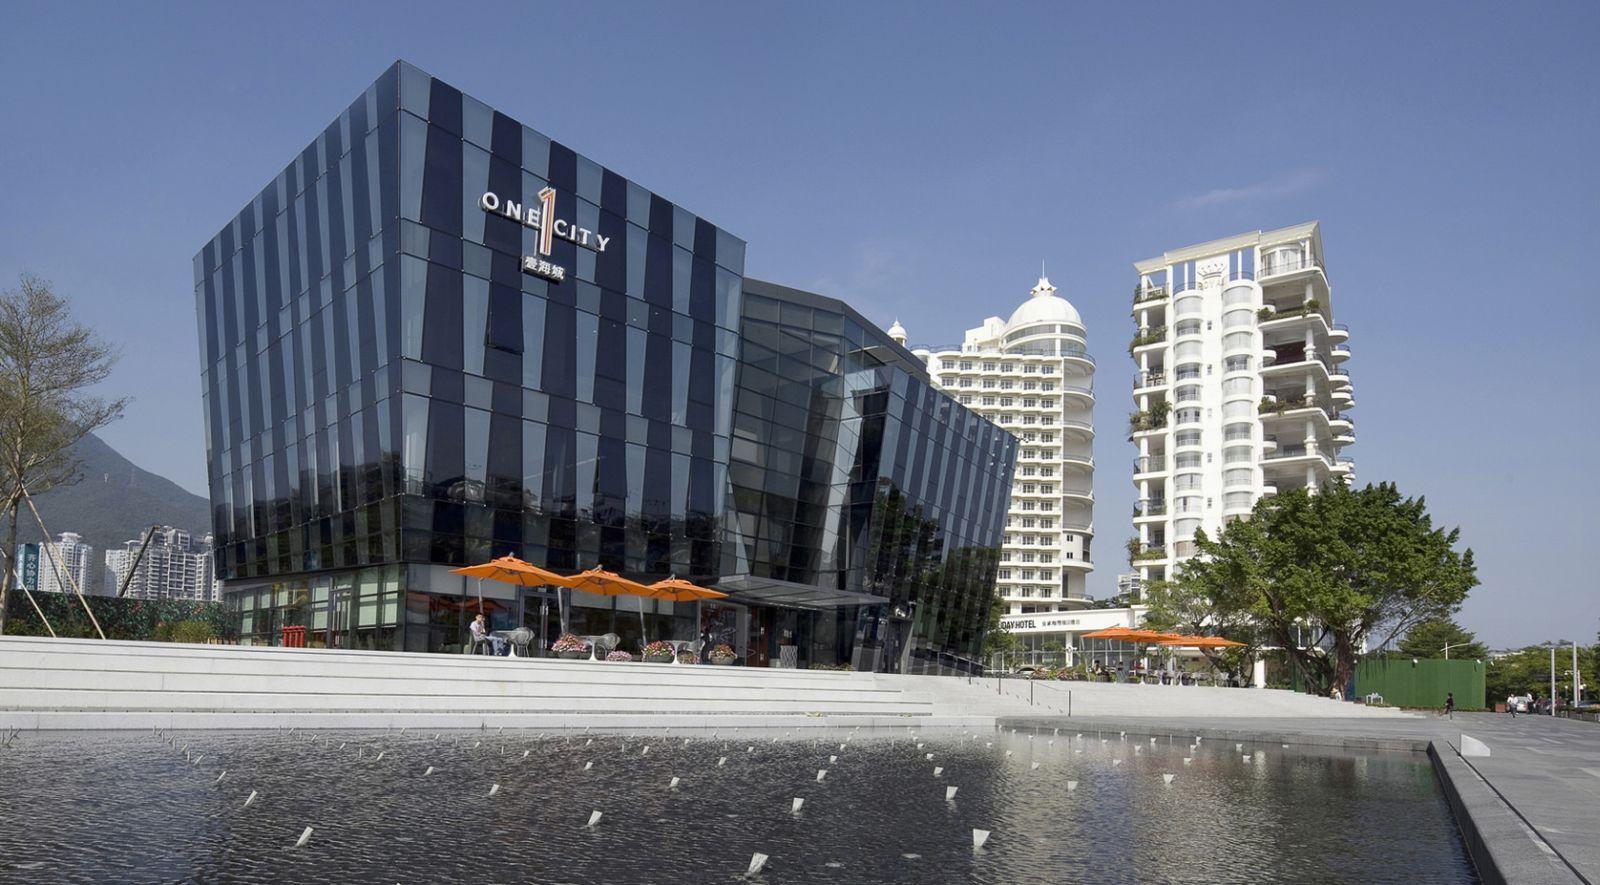 One City Marina Center